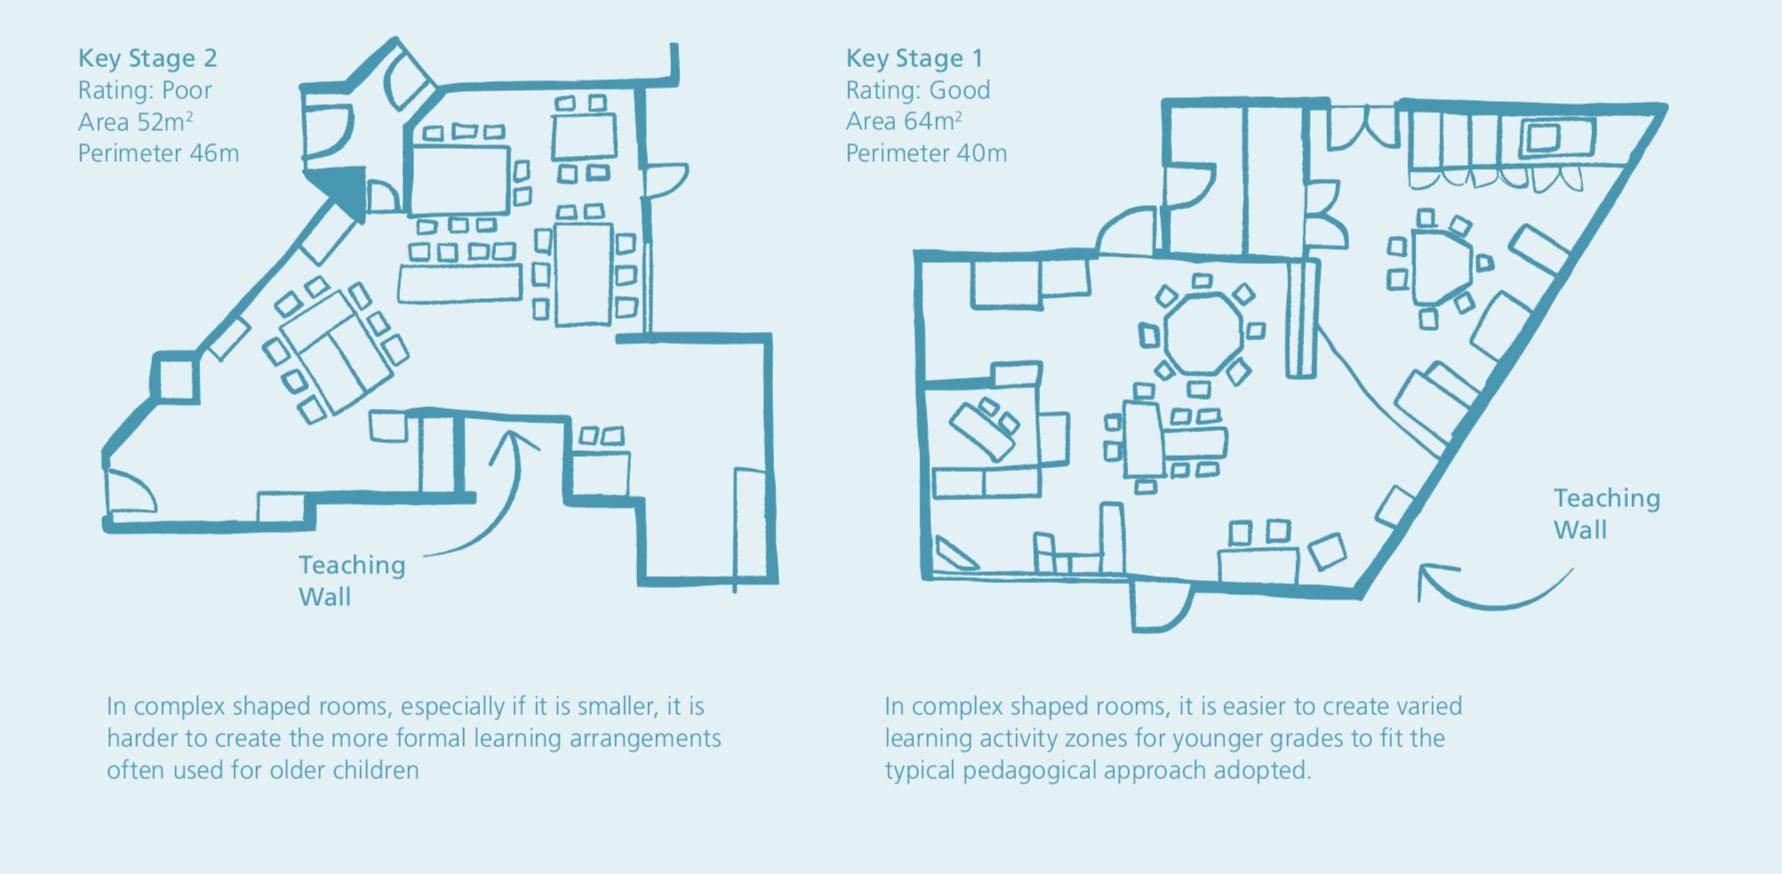 Example of Best Practice Classroom Design